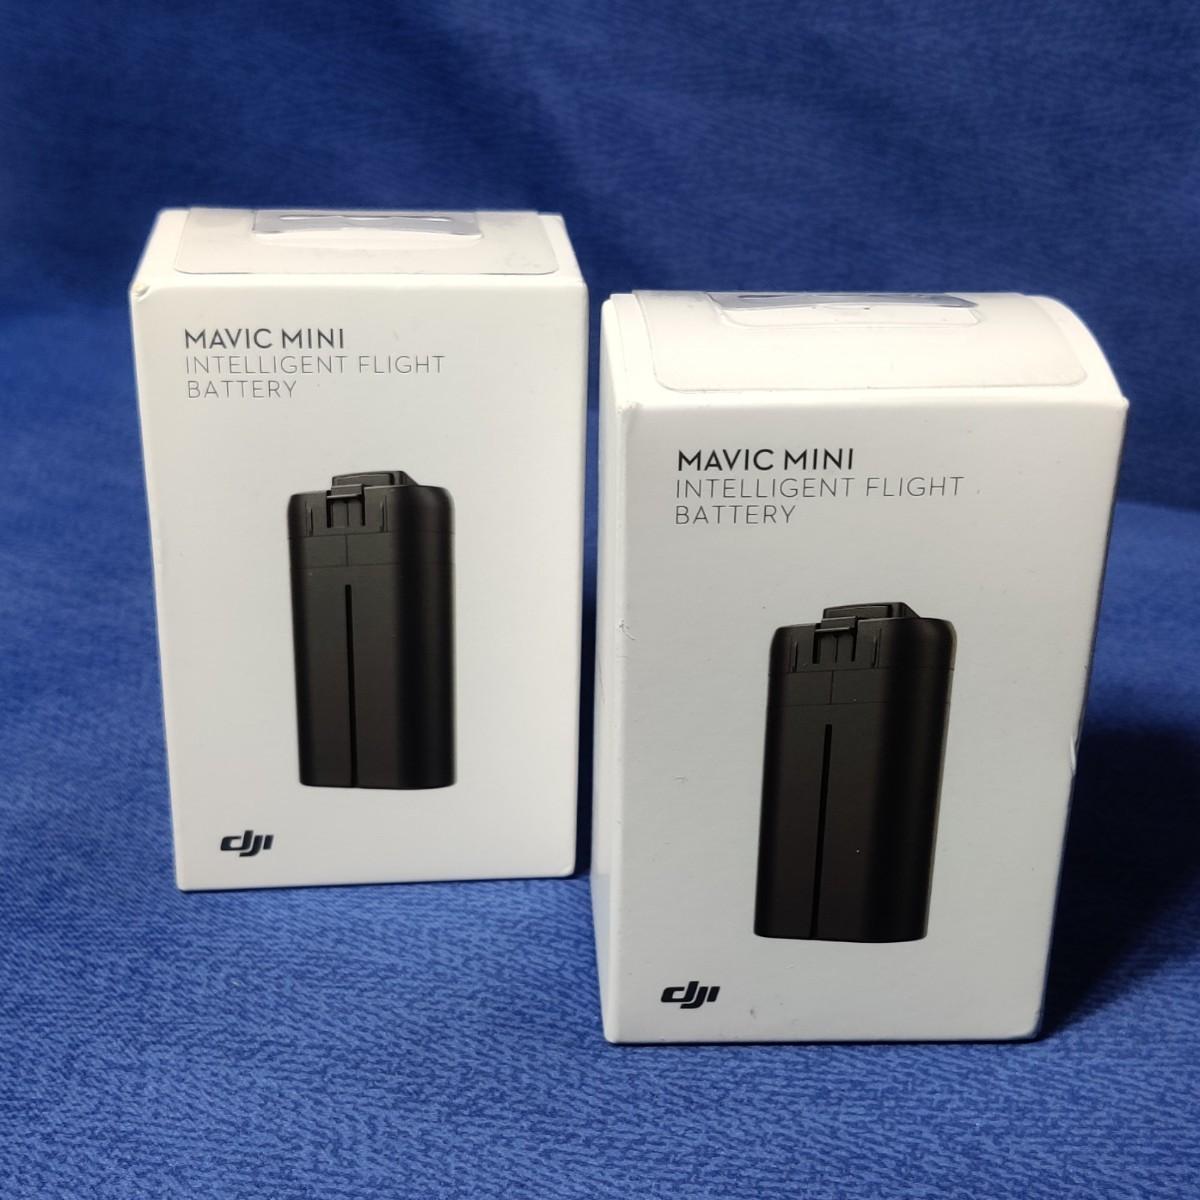 新品未使用 DJI Mavic mini 2400mAh DJI海外純正品バッテリー2個とプロペラホルダーセットでお買い得